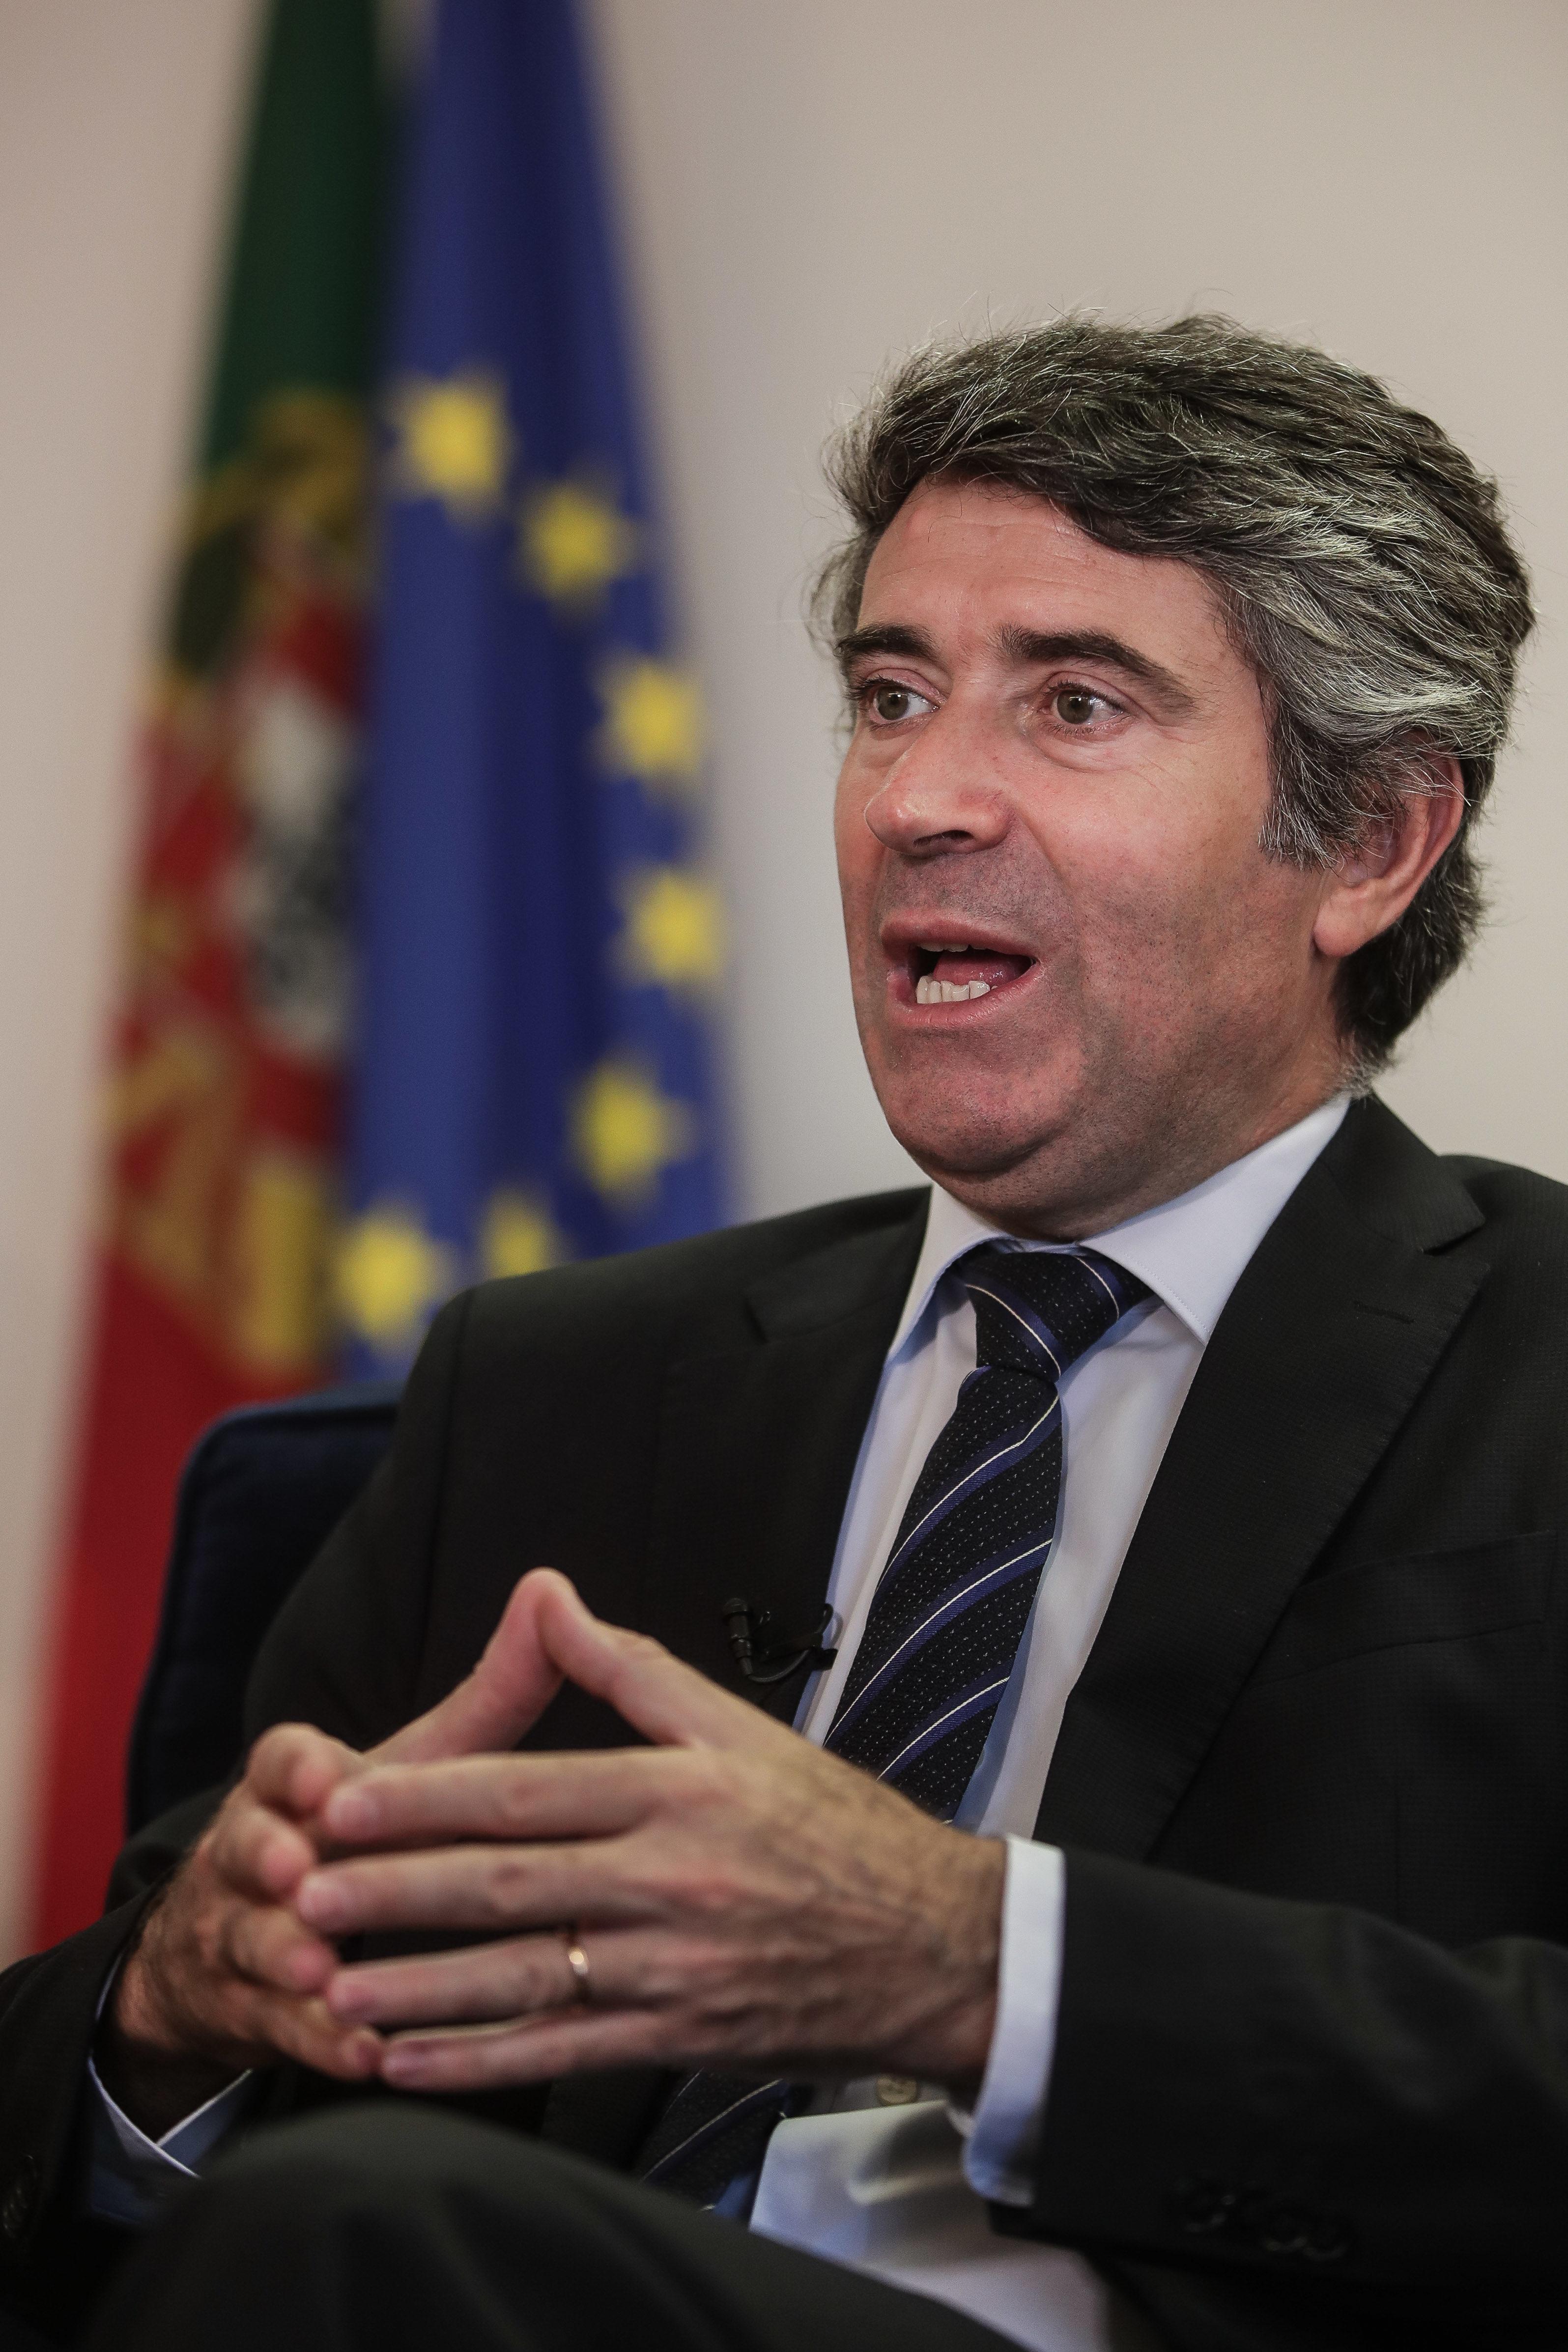 Consulados a caminho da digitalização integral de serviços – José Luís Carneiro, SECP